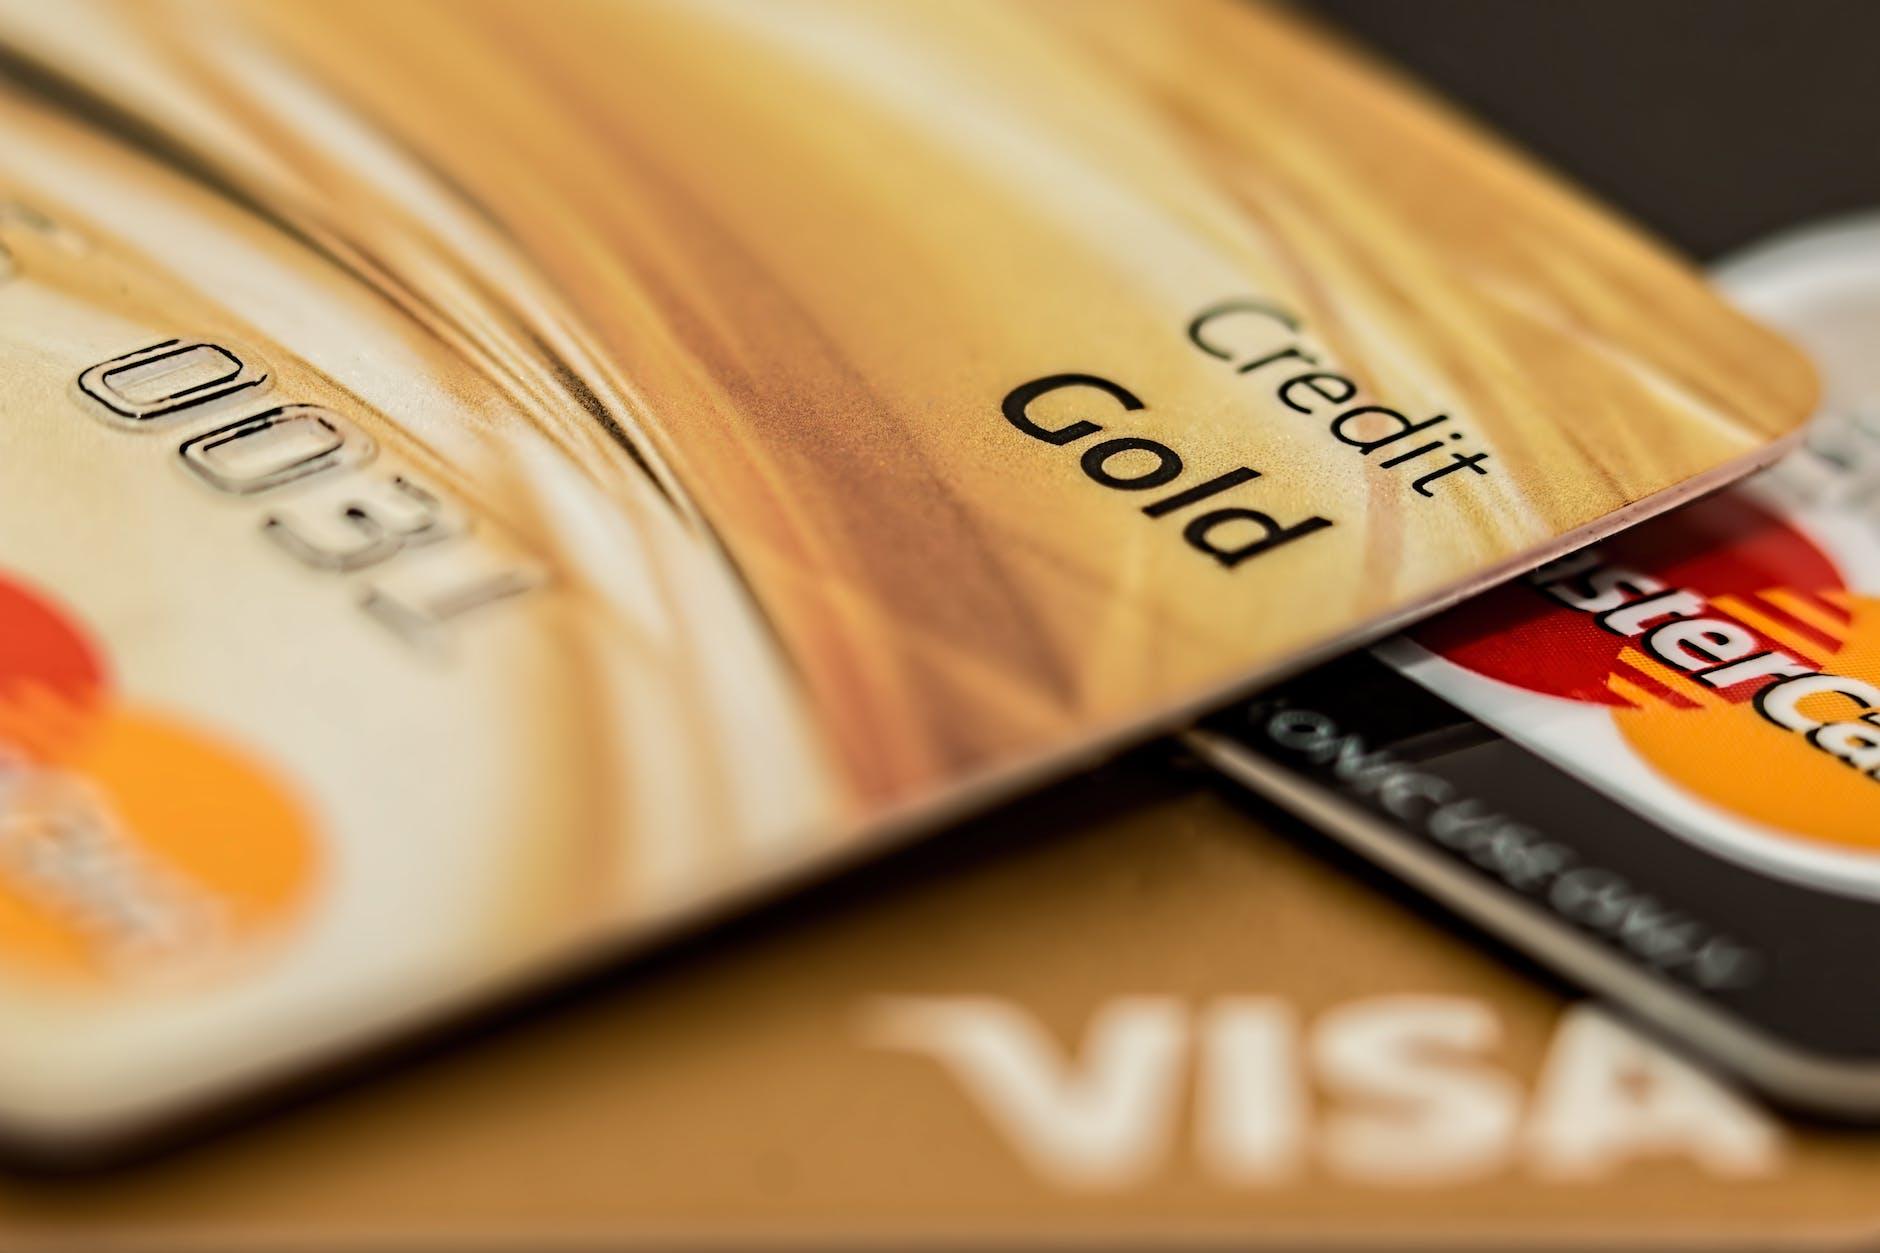 Kartu debit BNI mengeluarkan pilihan kartu silver, gold, dan platinum.